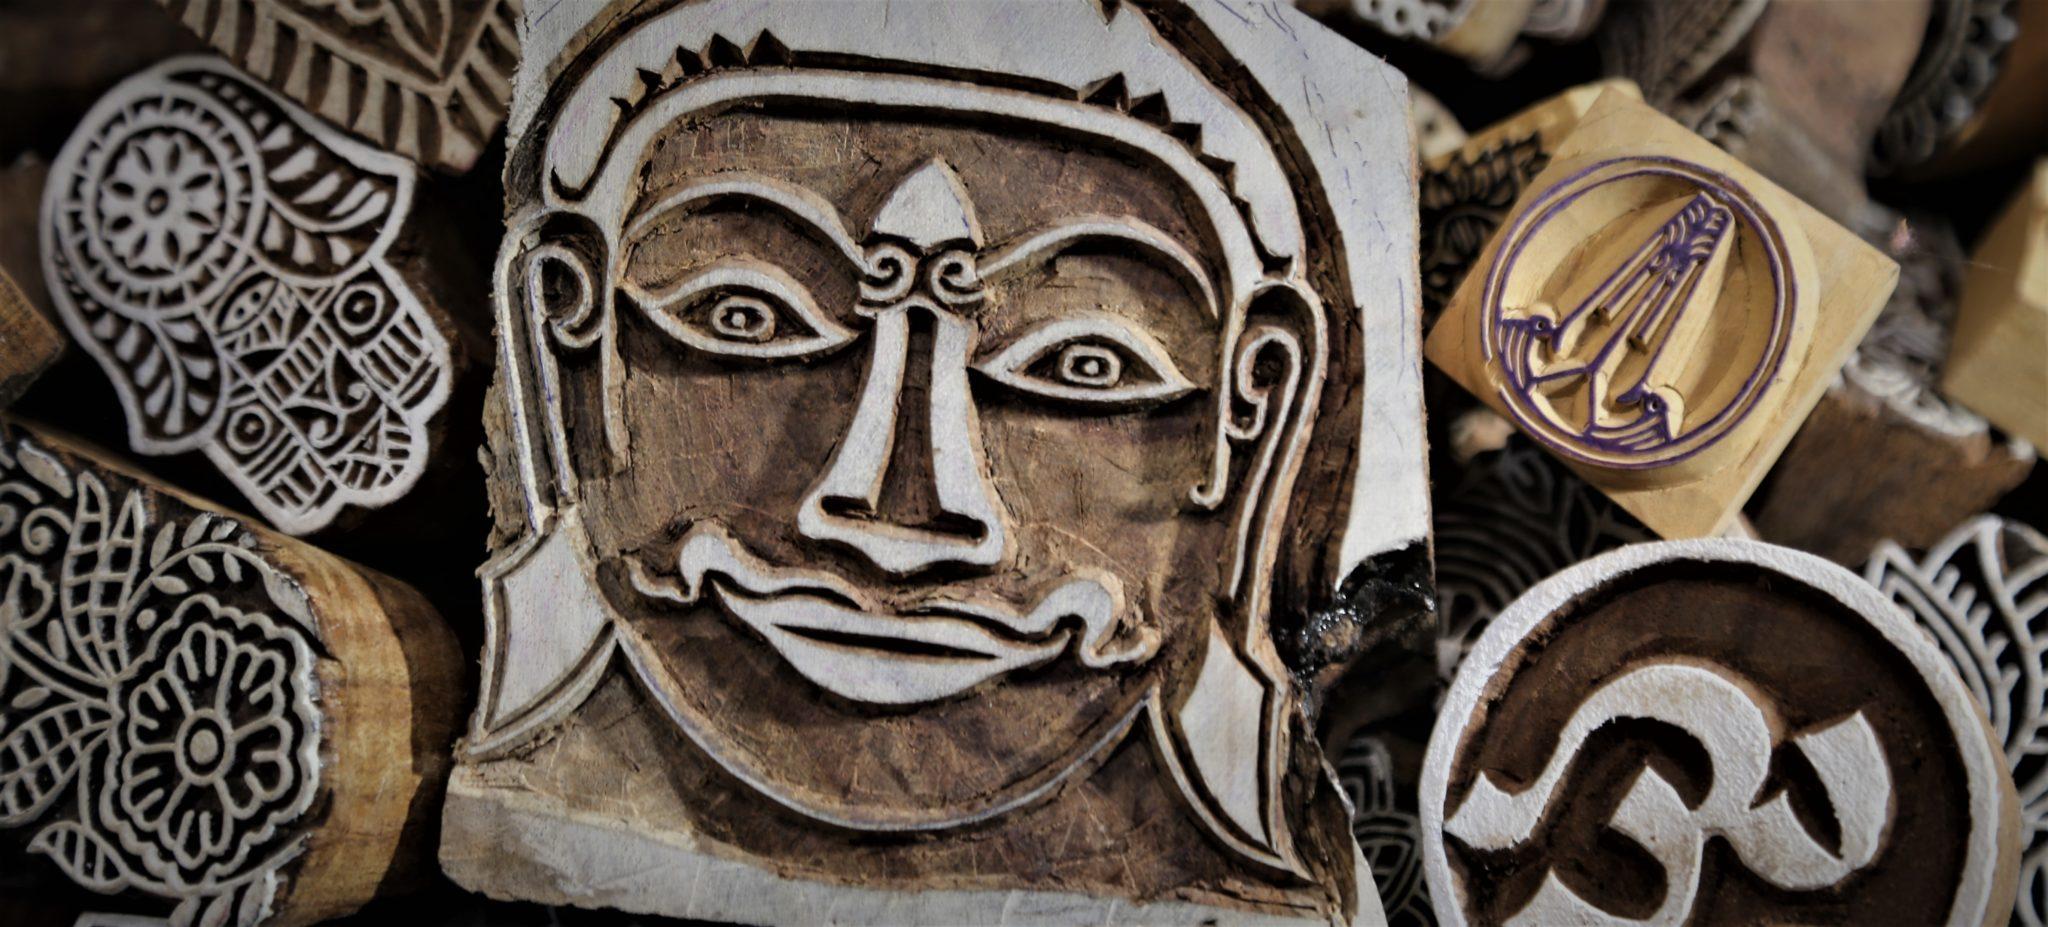 bloc de bois indien achat mes indes galantes